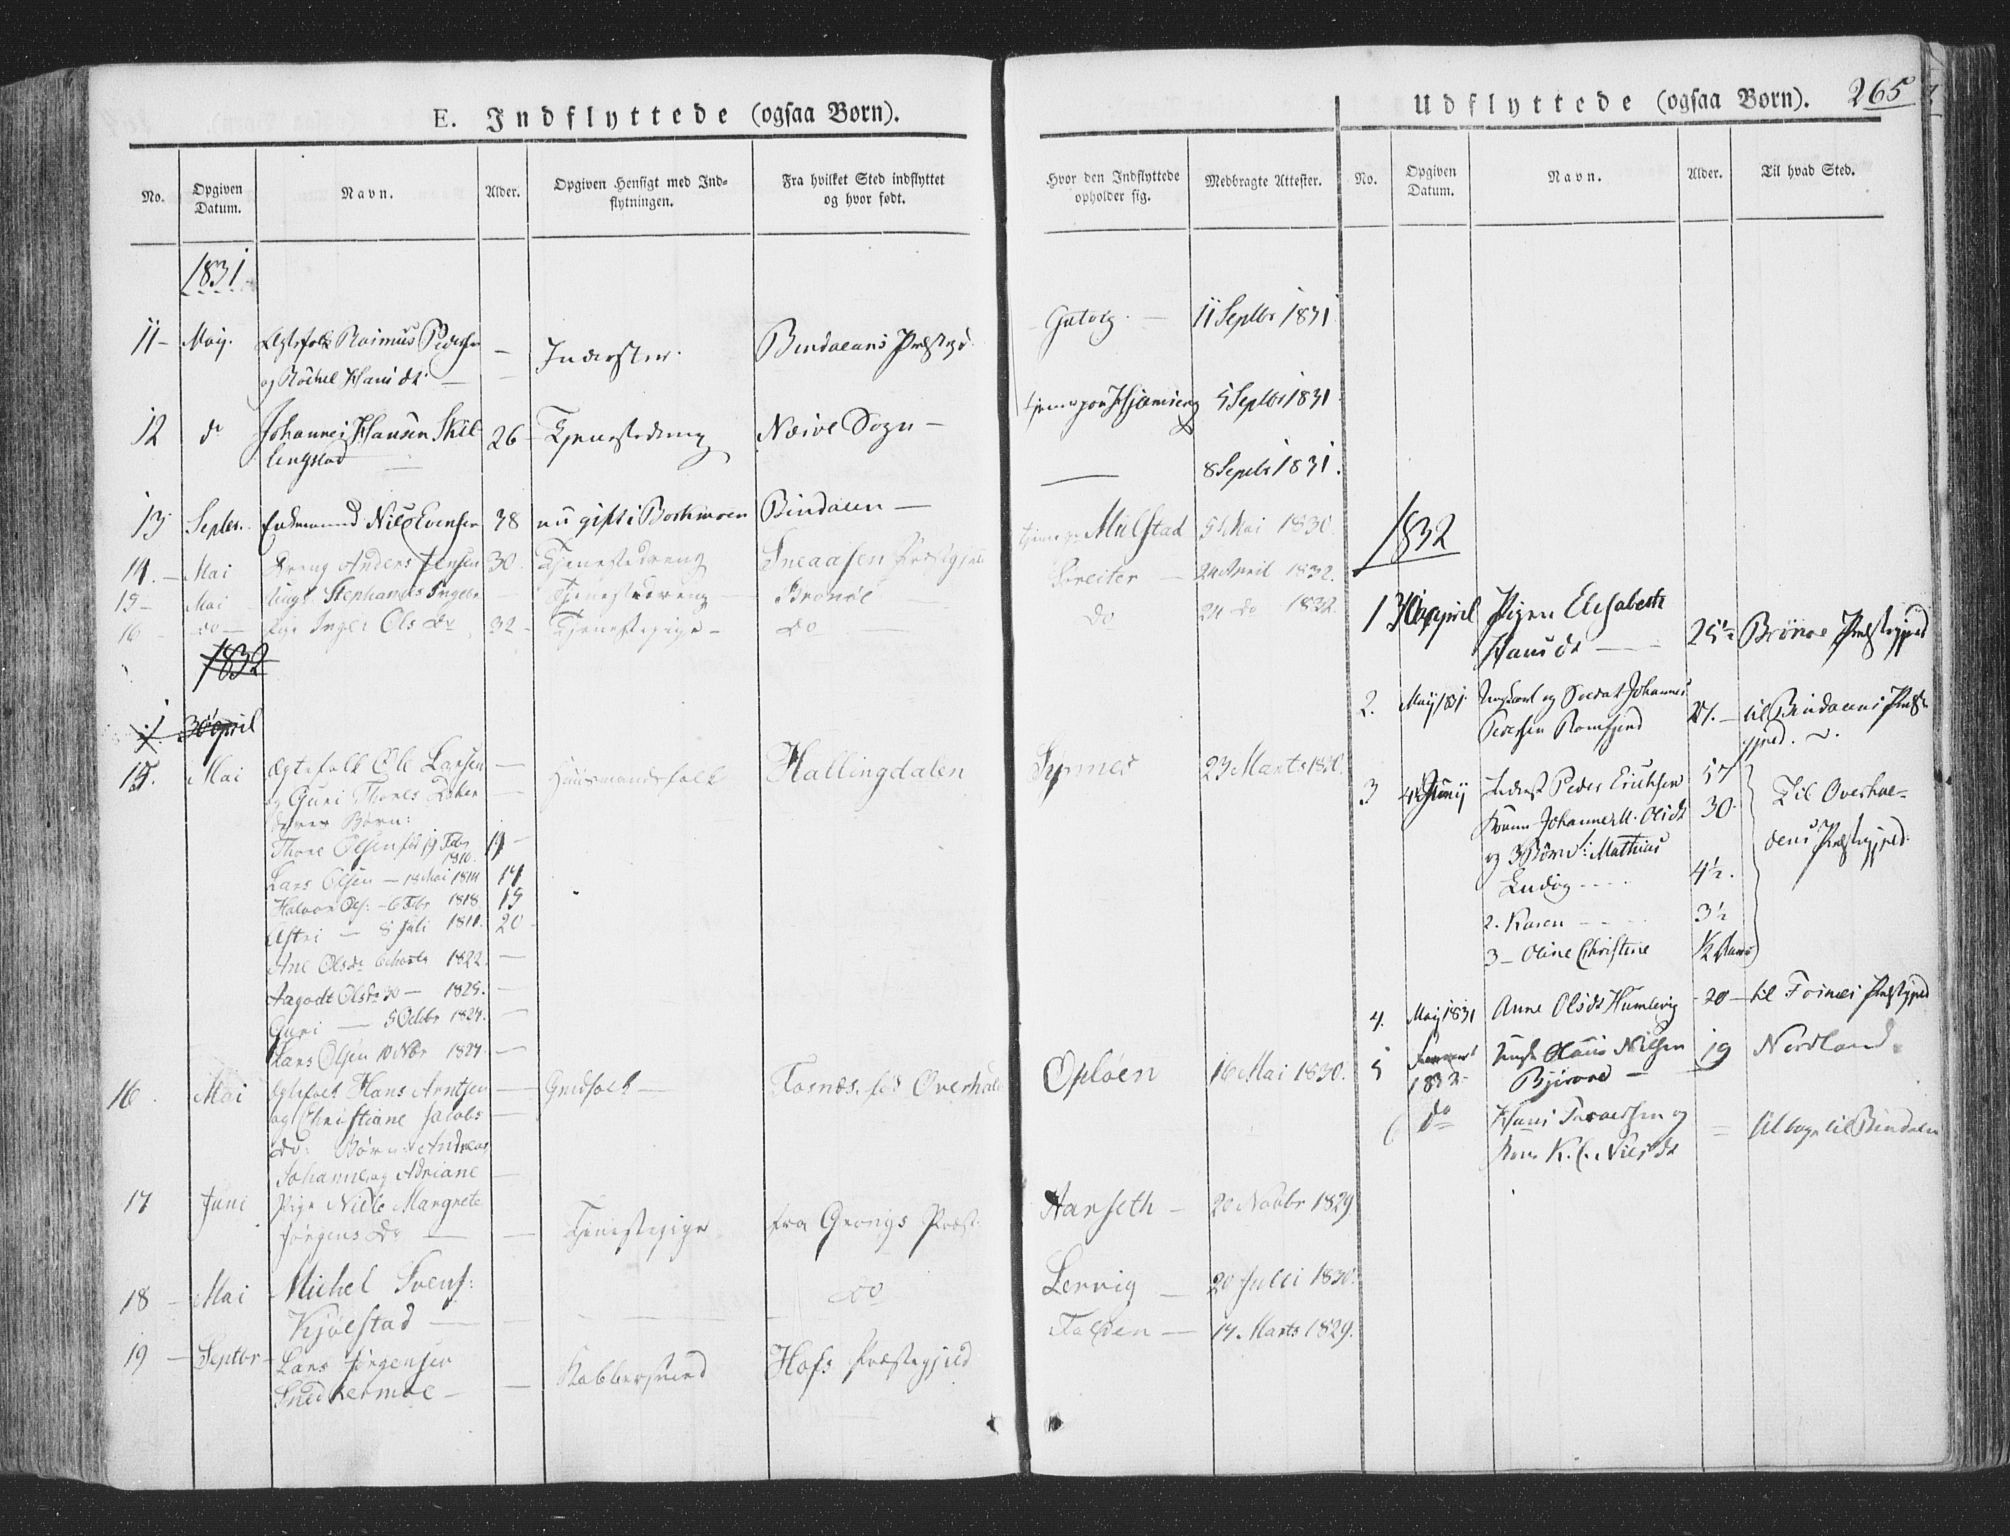 SAT, Ministerialprotokoller, klokkerbøker og fødselsregistre - Nord-Trøndelag, 780/L0639: Ministerialbok nr. 780A04, 1830-1844, s. 265